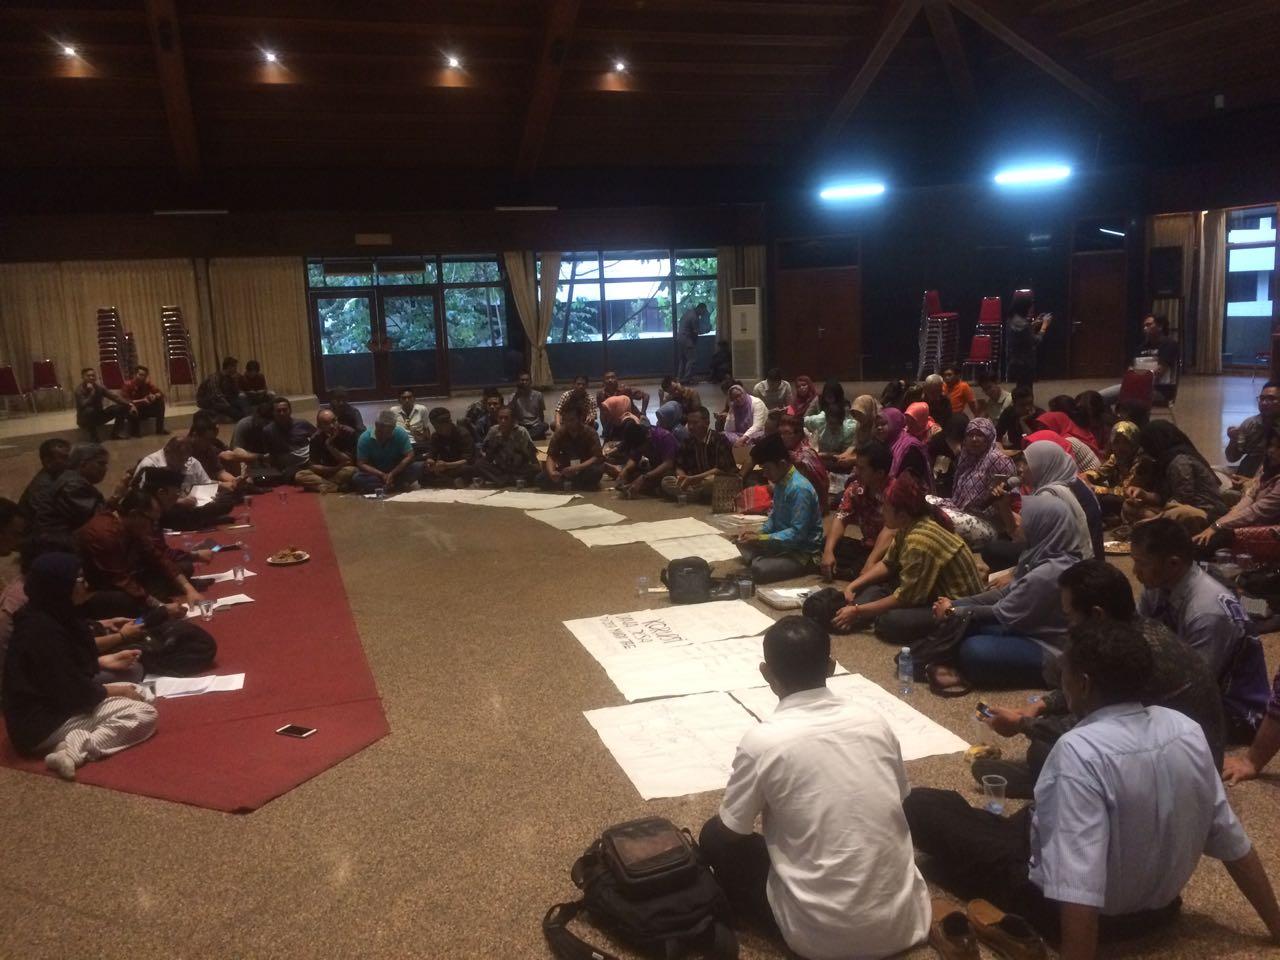 Tiga Tahun Disahkan, Pelaksanaan UU Desa Masih Banyak Persoalan